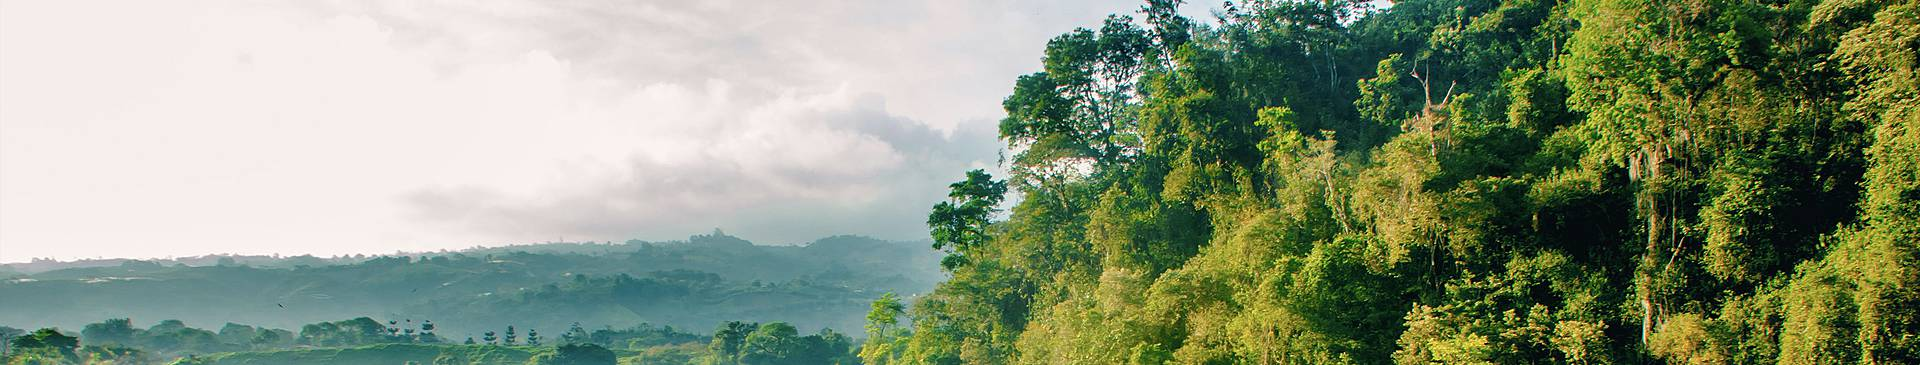 Autumn in Costa Rica